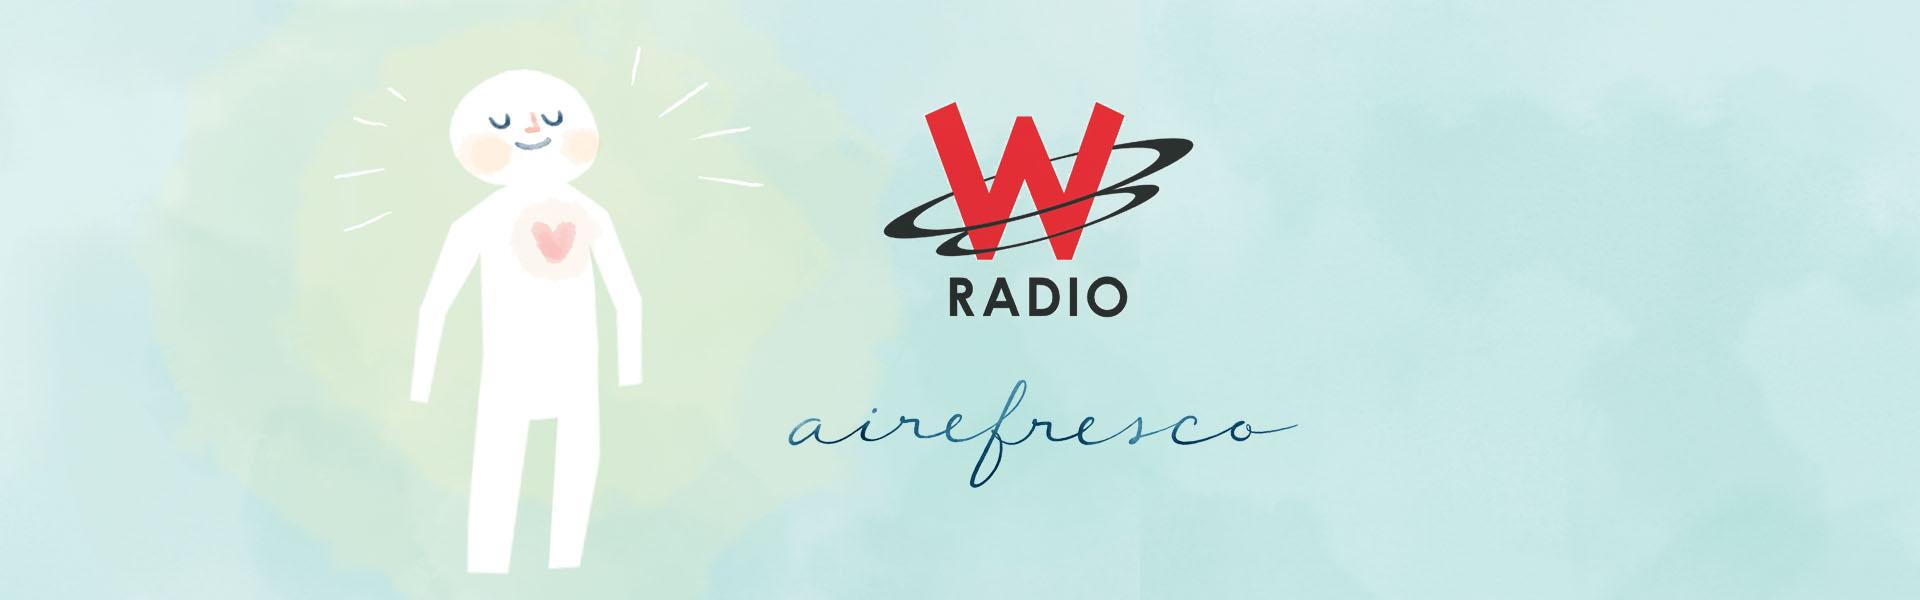 Entrevista La W Radio: 'Aire Fresco', la aplicación que le ayudará a meditar